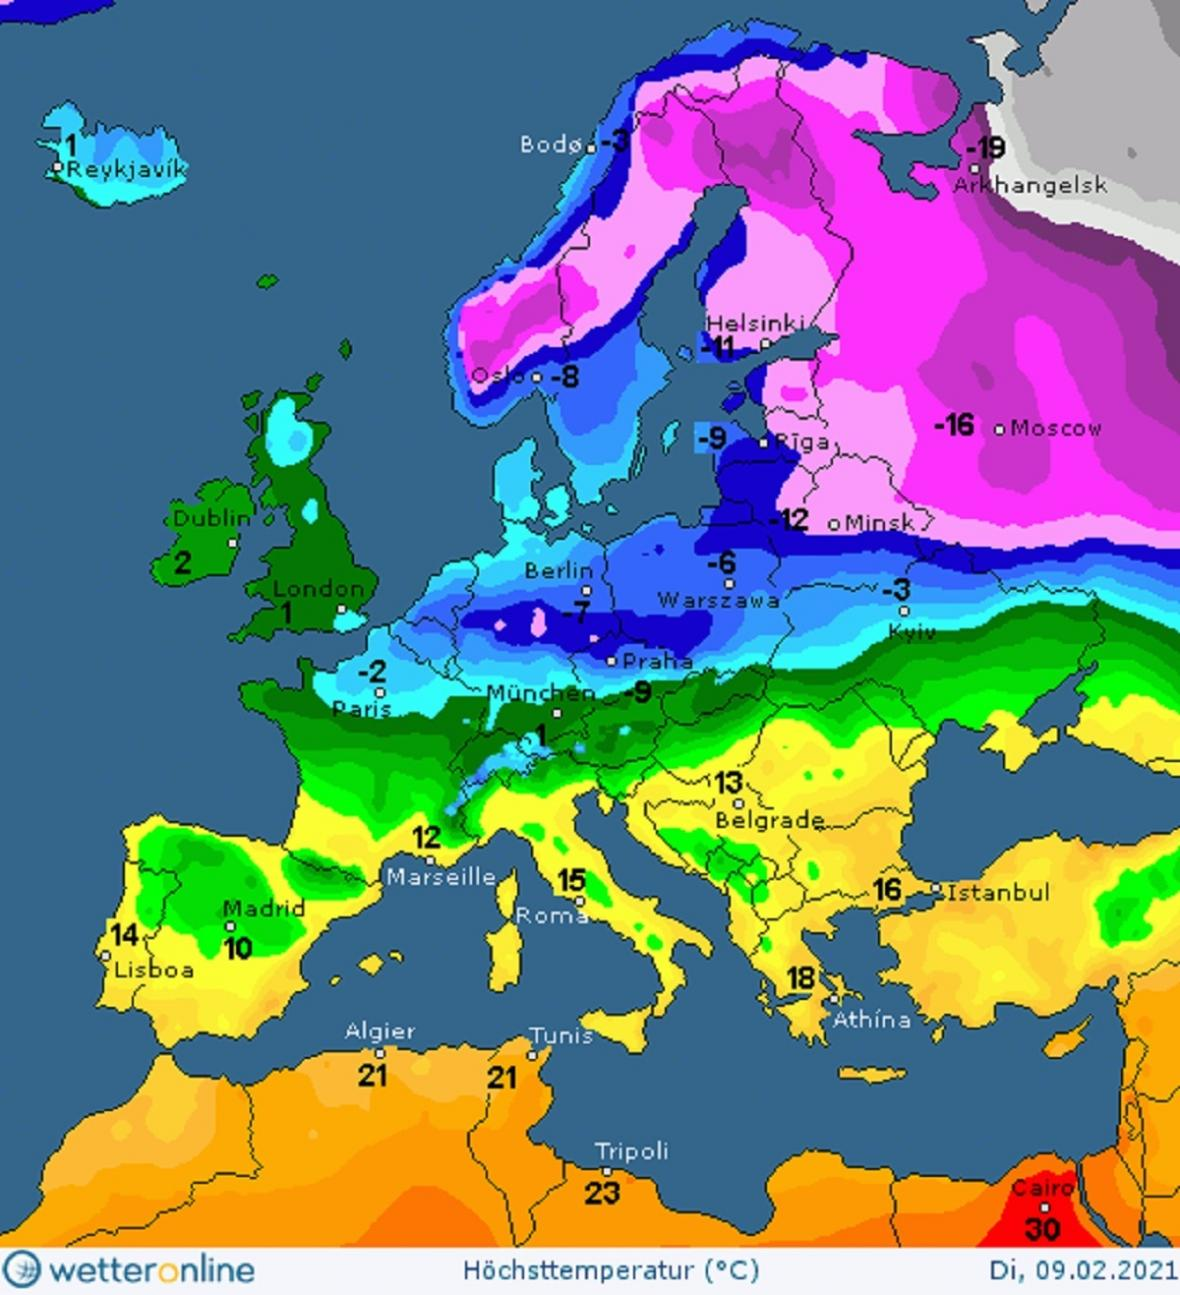 Maximální teploty v úterý 9. 2. a o týden později